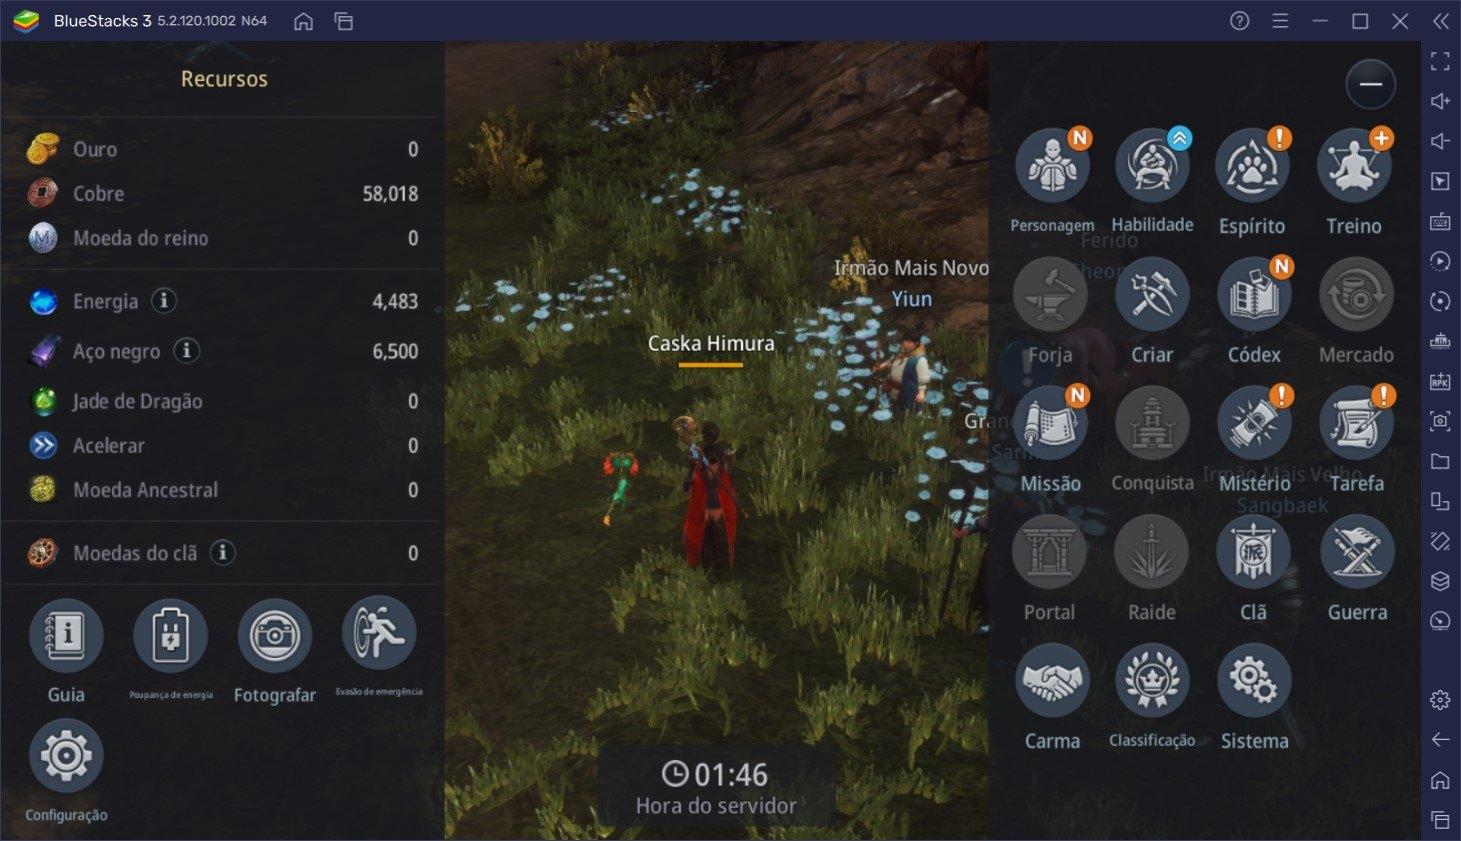 MIR4 no PC – Como otimizar sua experiência de jogo com o BlueStacks